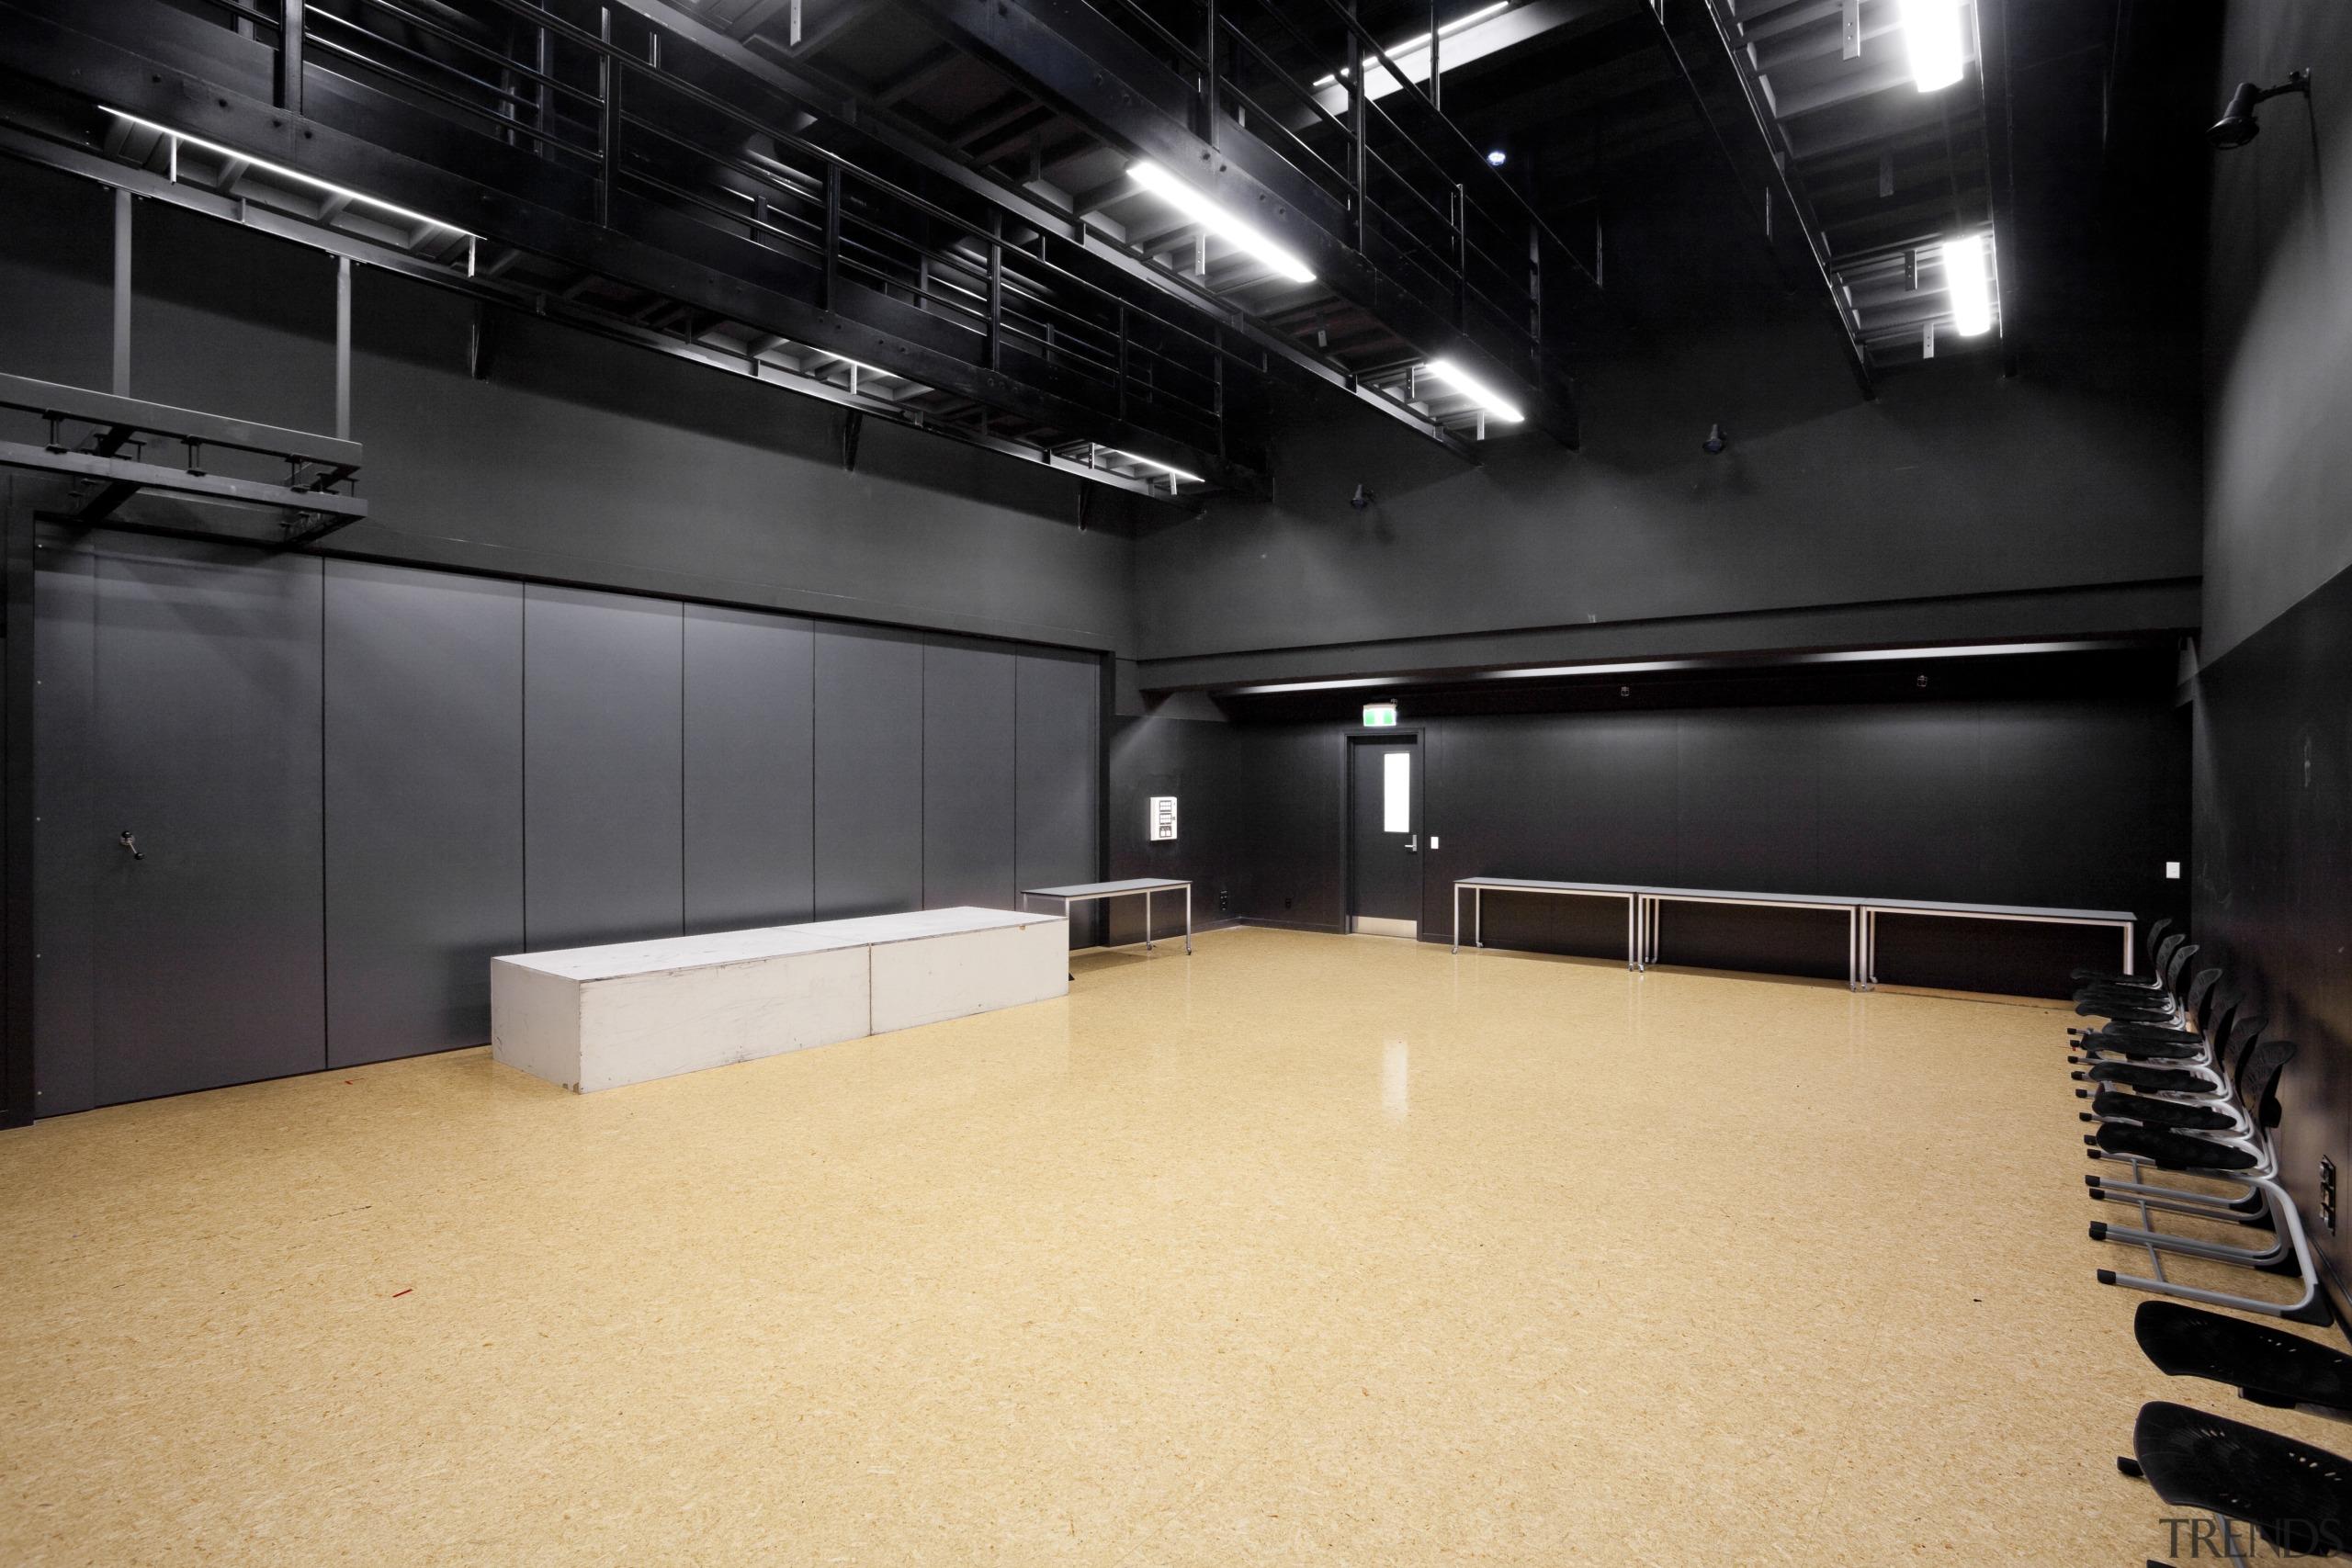 View of room with black walls and ceiling auditorium, ceiling, floor, flooring, interior design, black, orange